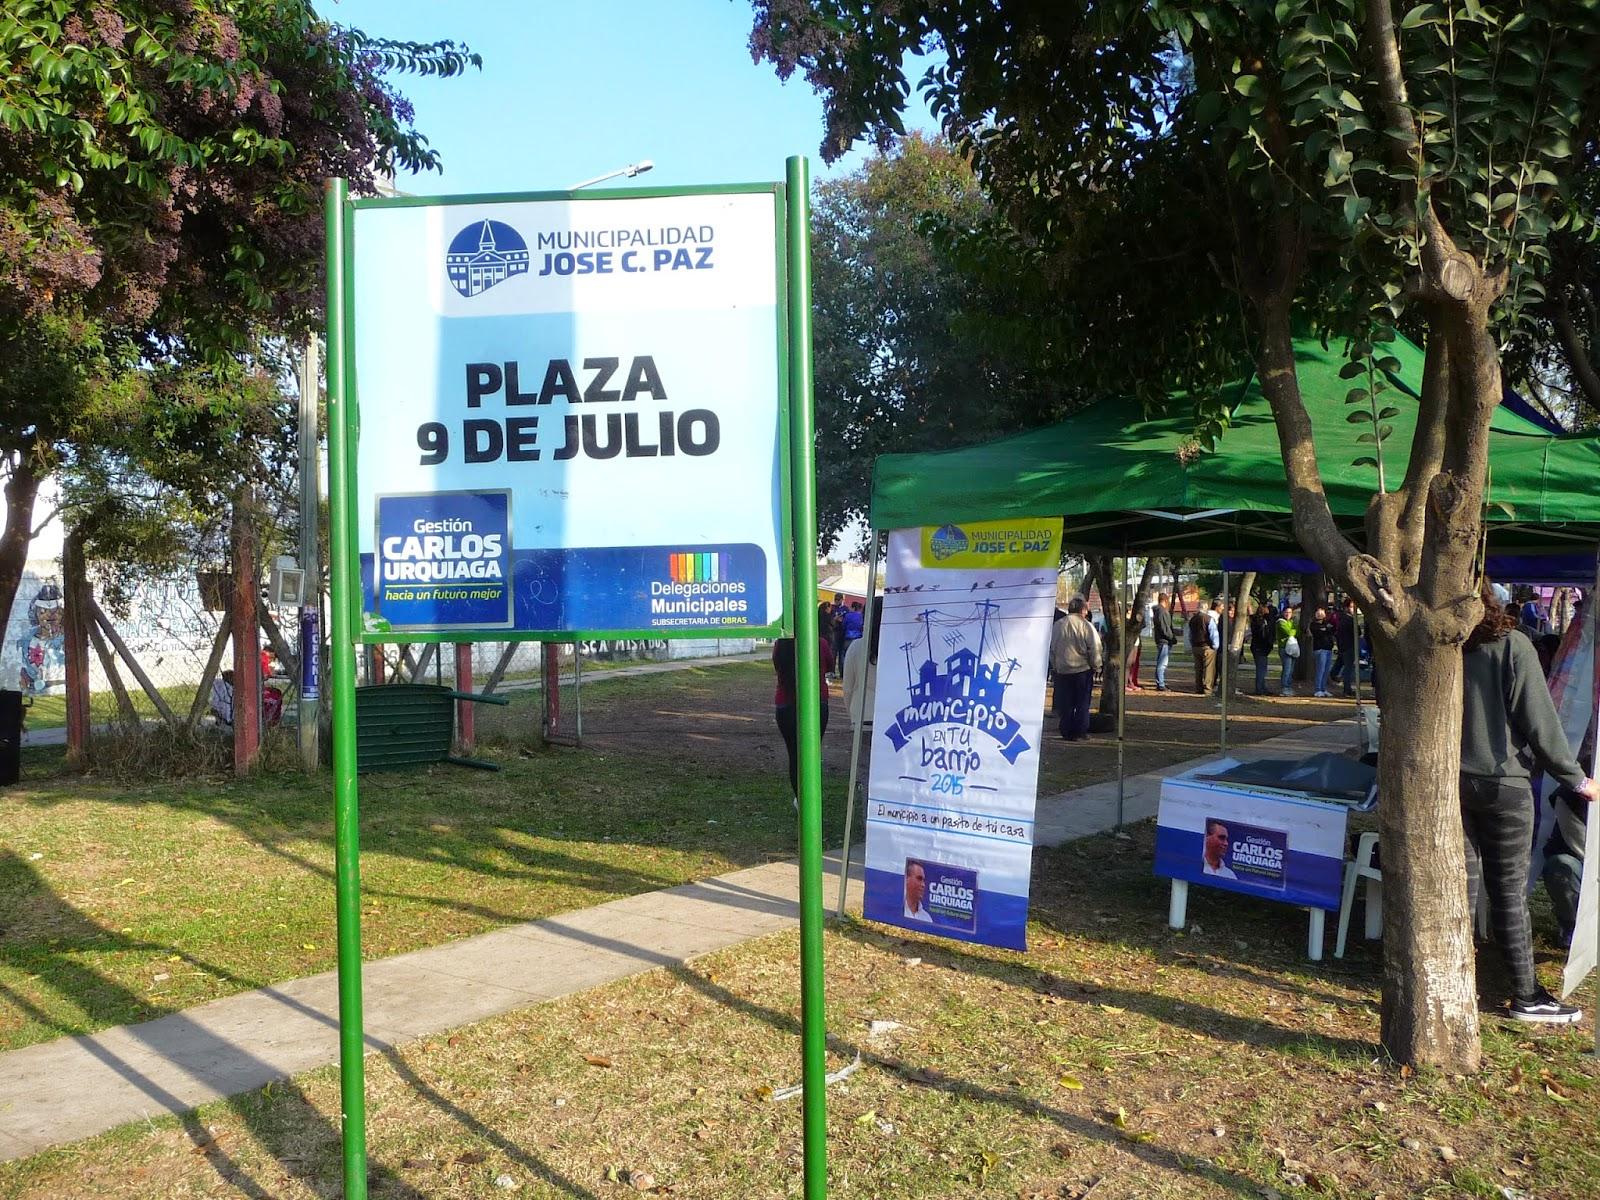 Prensa Municipalidad Jos C Paz El Municipio En Los